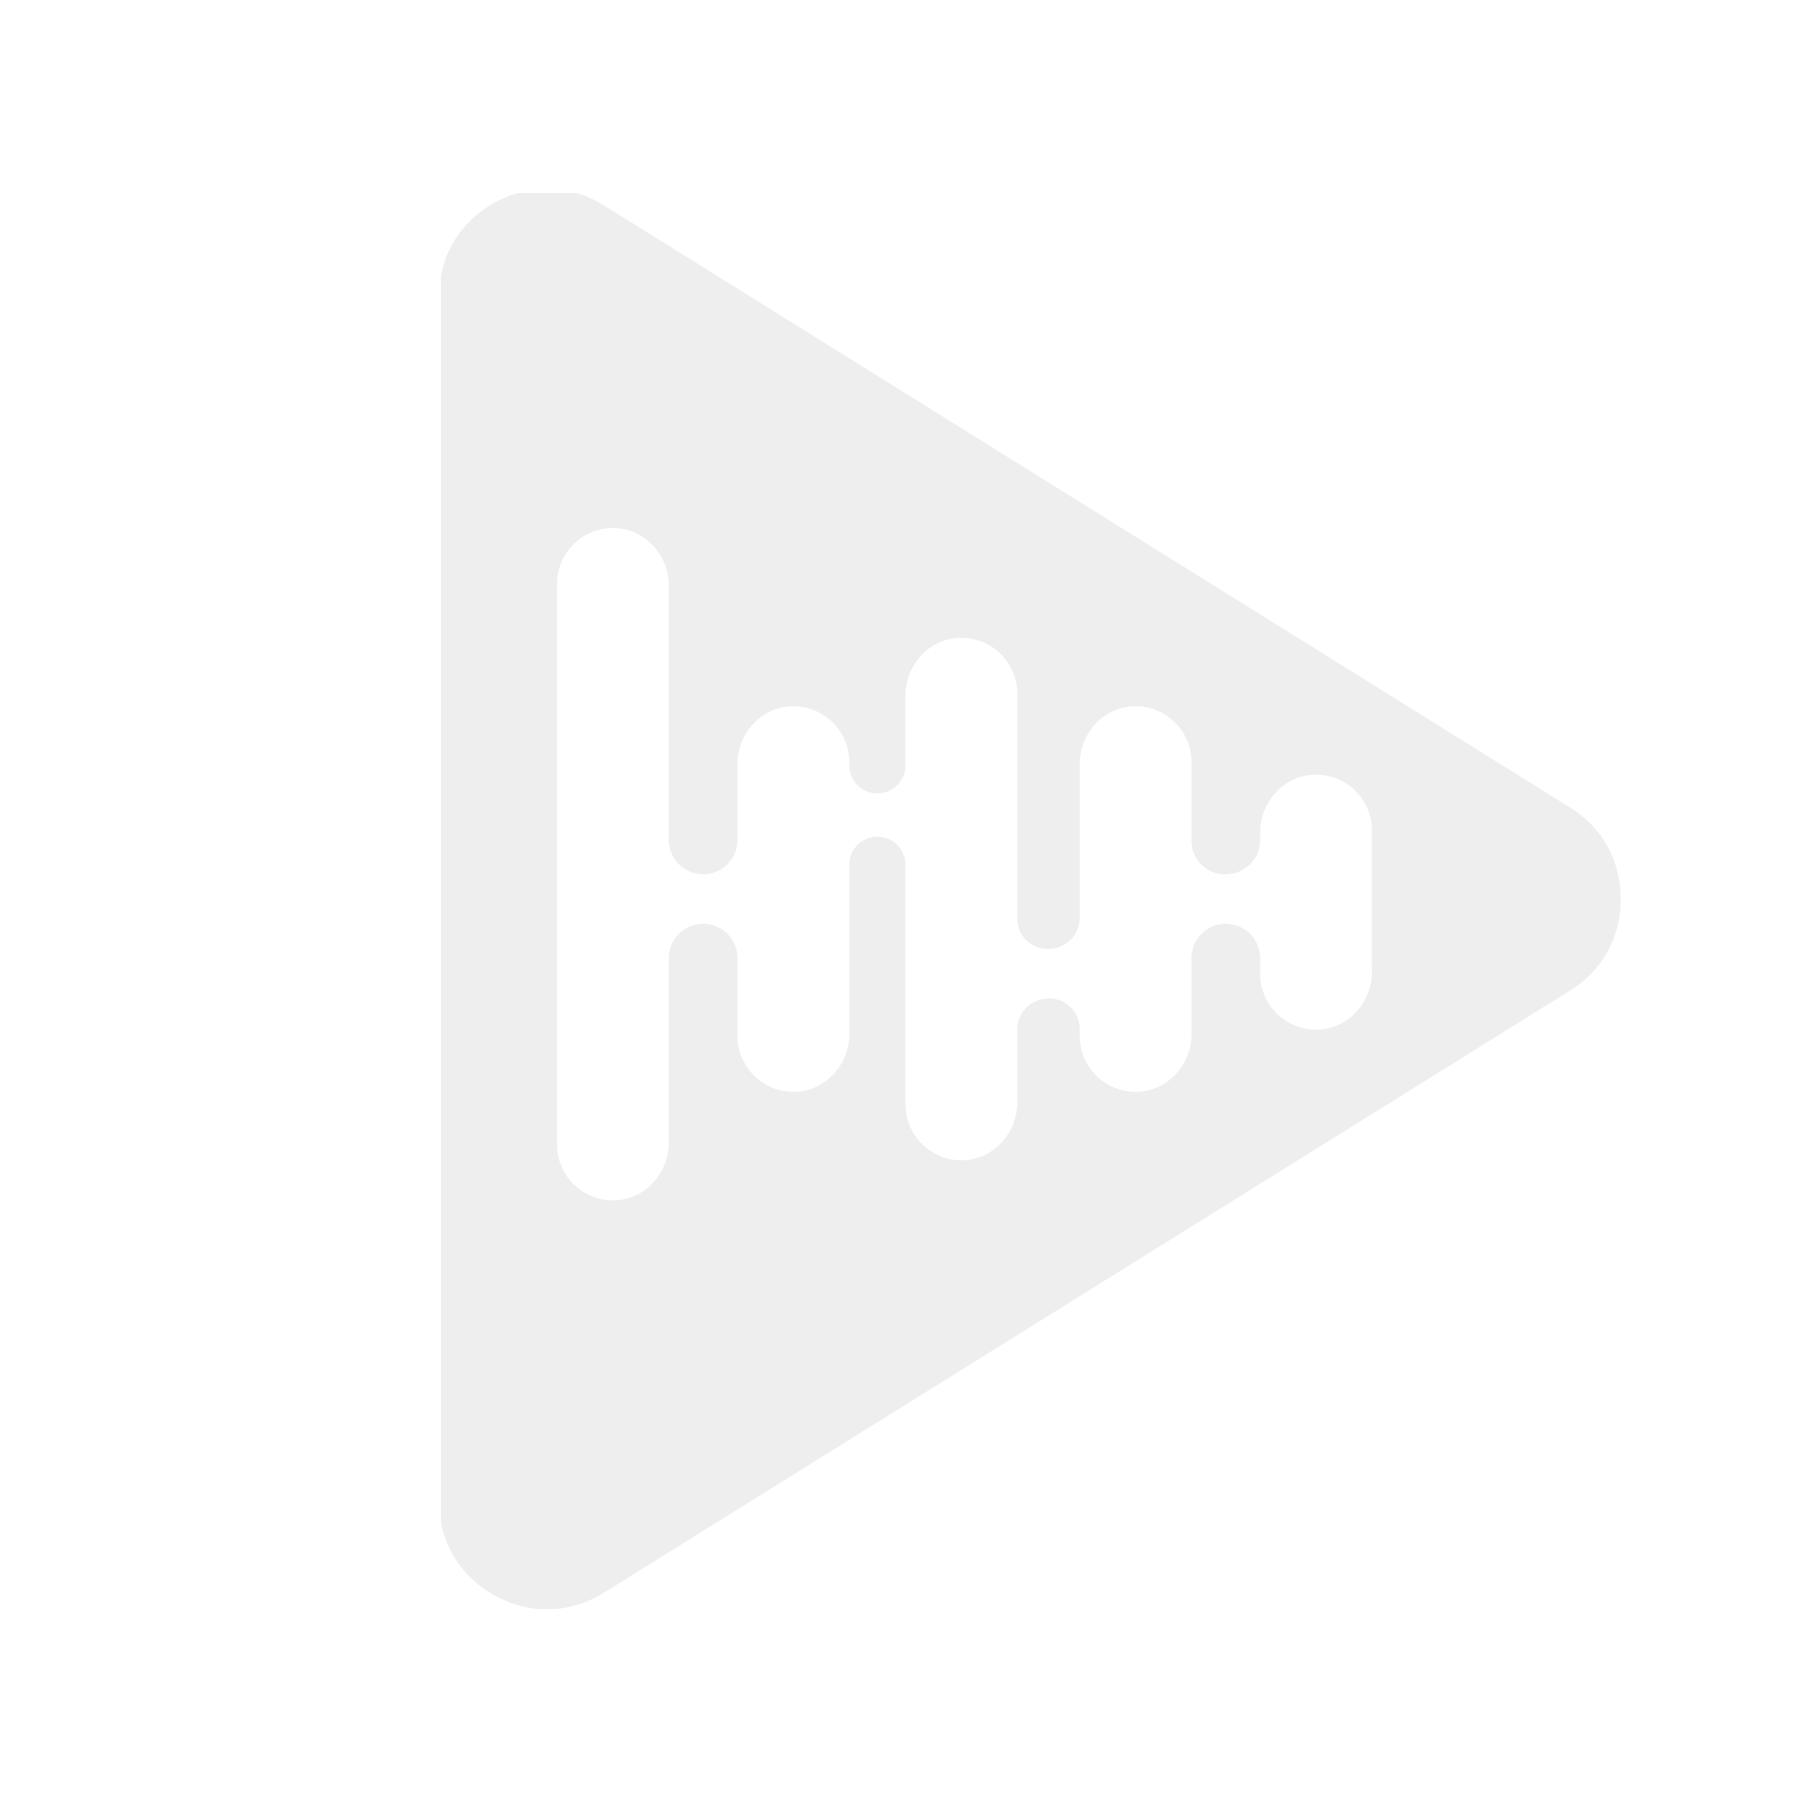 PSB Imagine X1T - Gulvstående høyttalere, sort ask (Par)